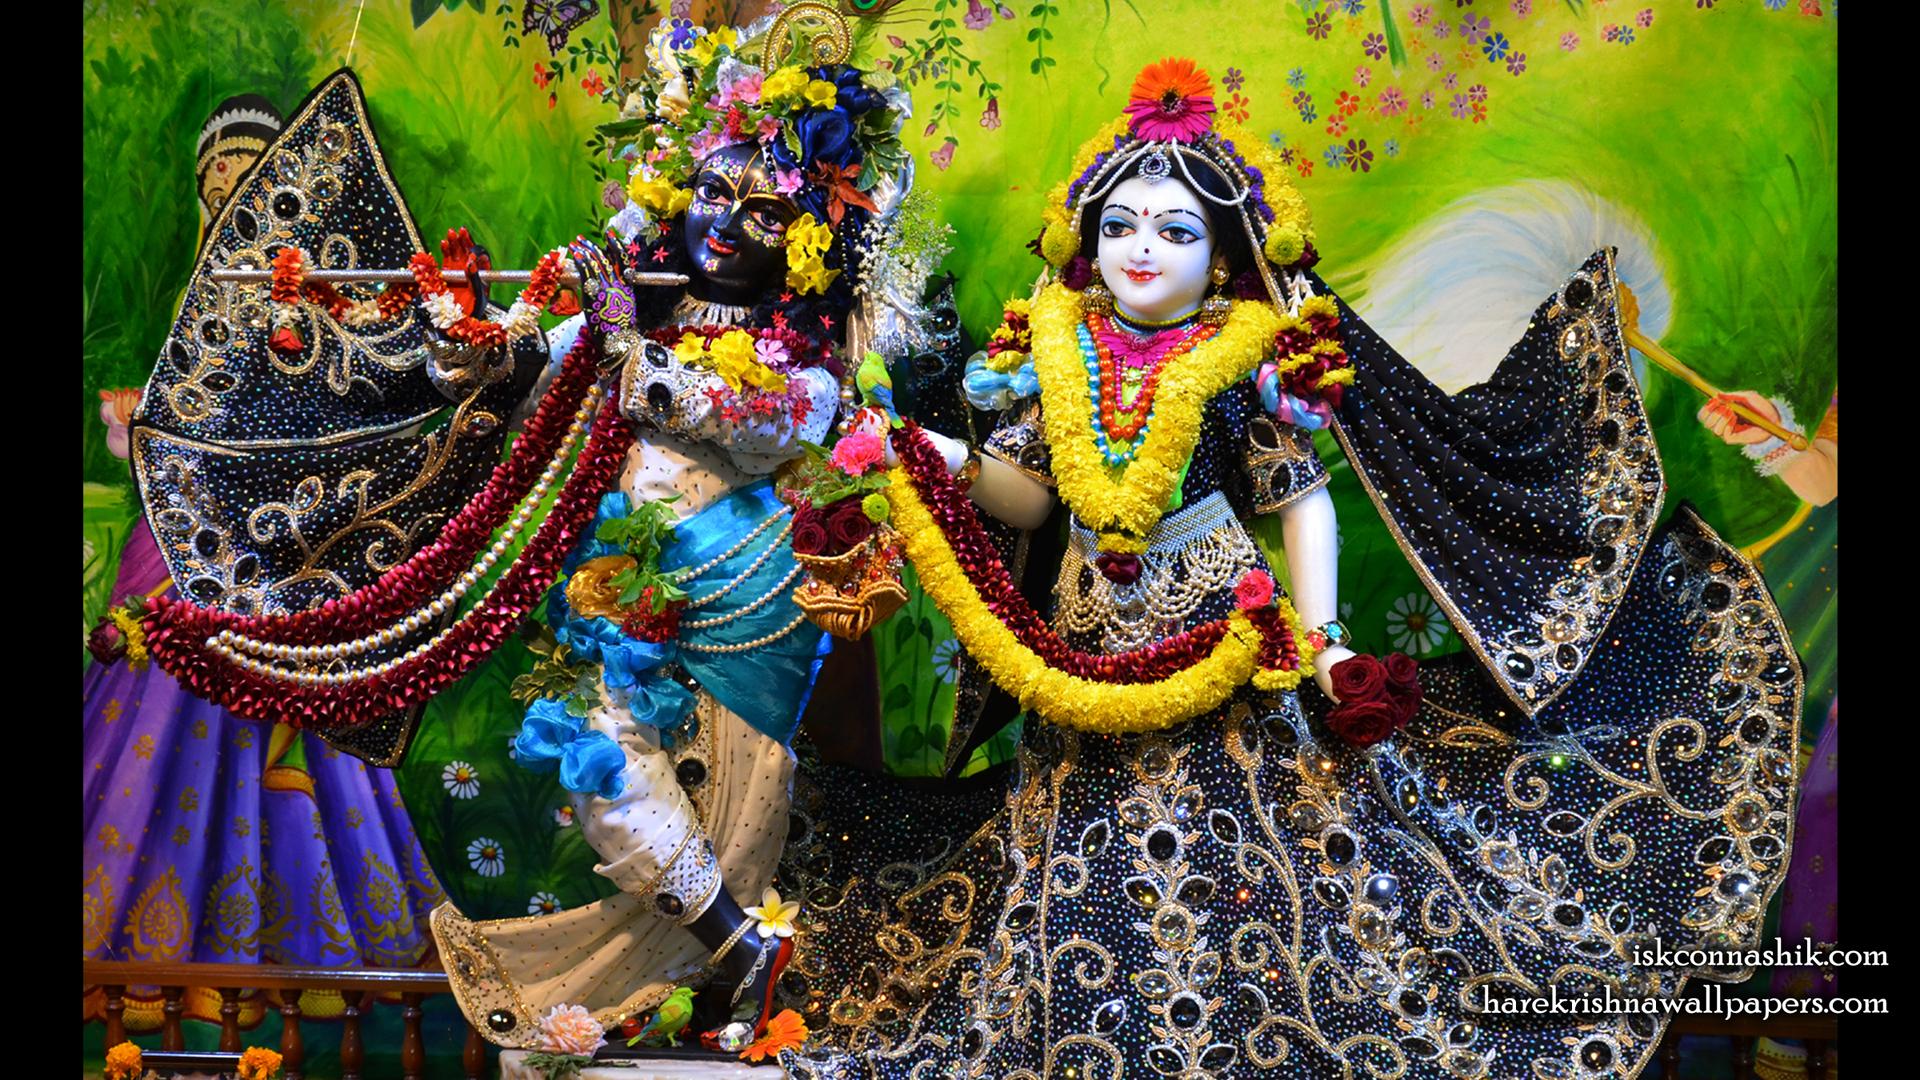 Sri Sri Radha Madan Gopal Wallpaper (019) Size 1920x1080 Download